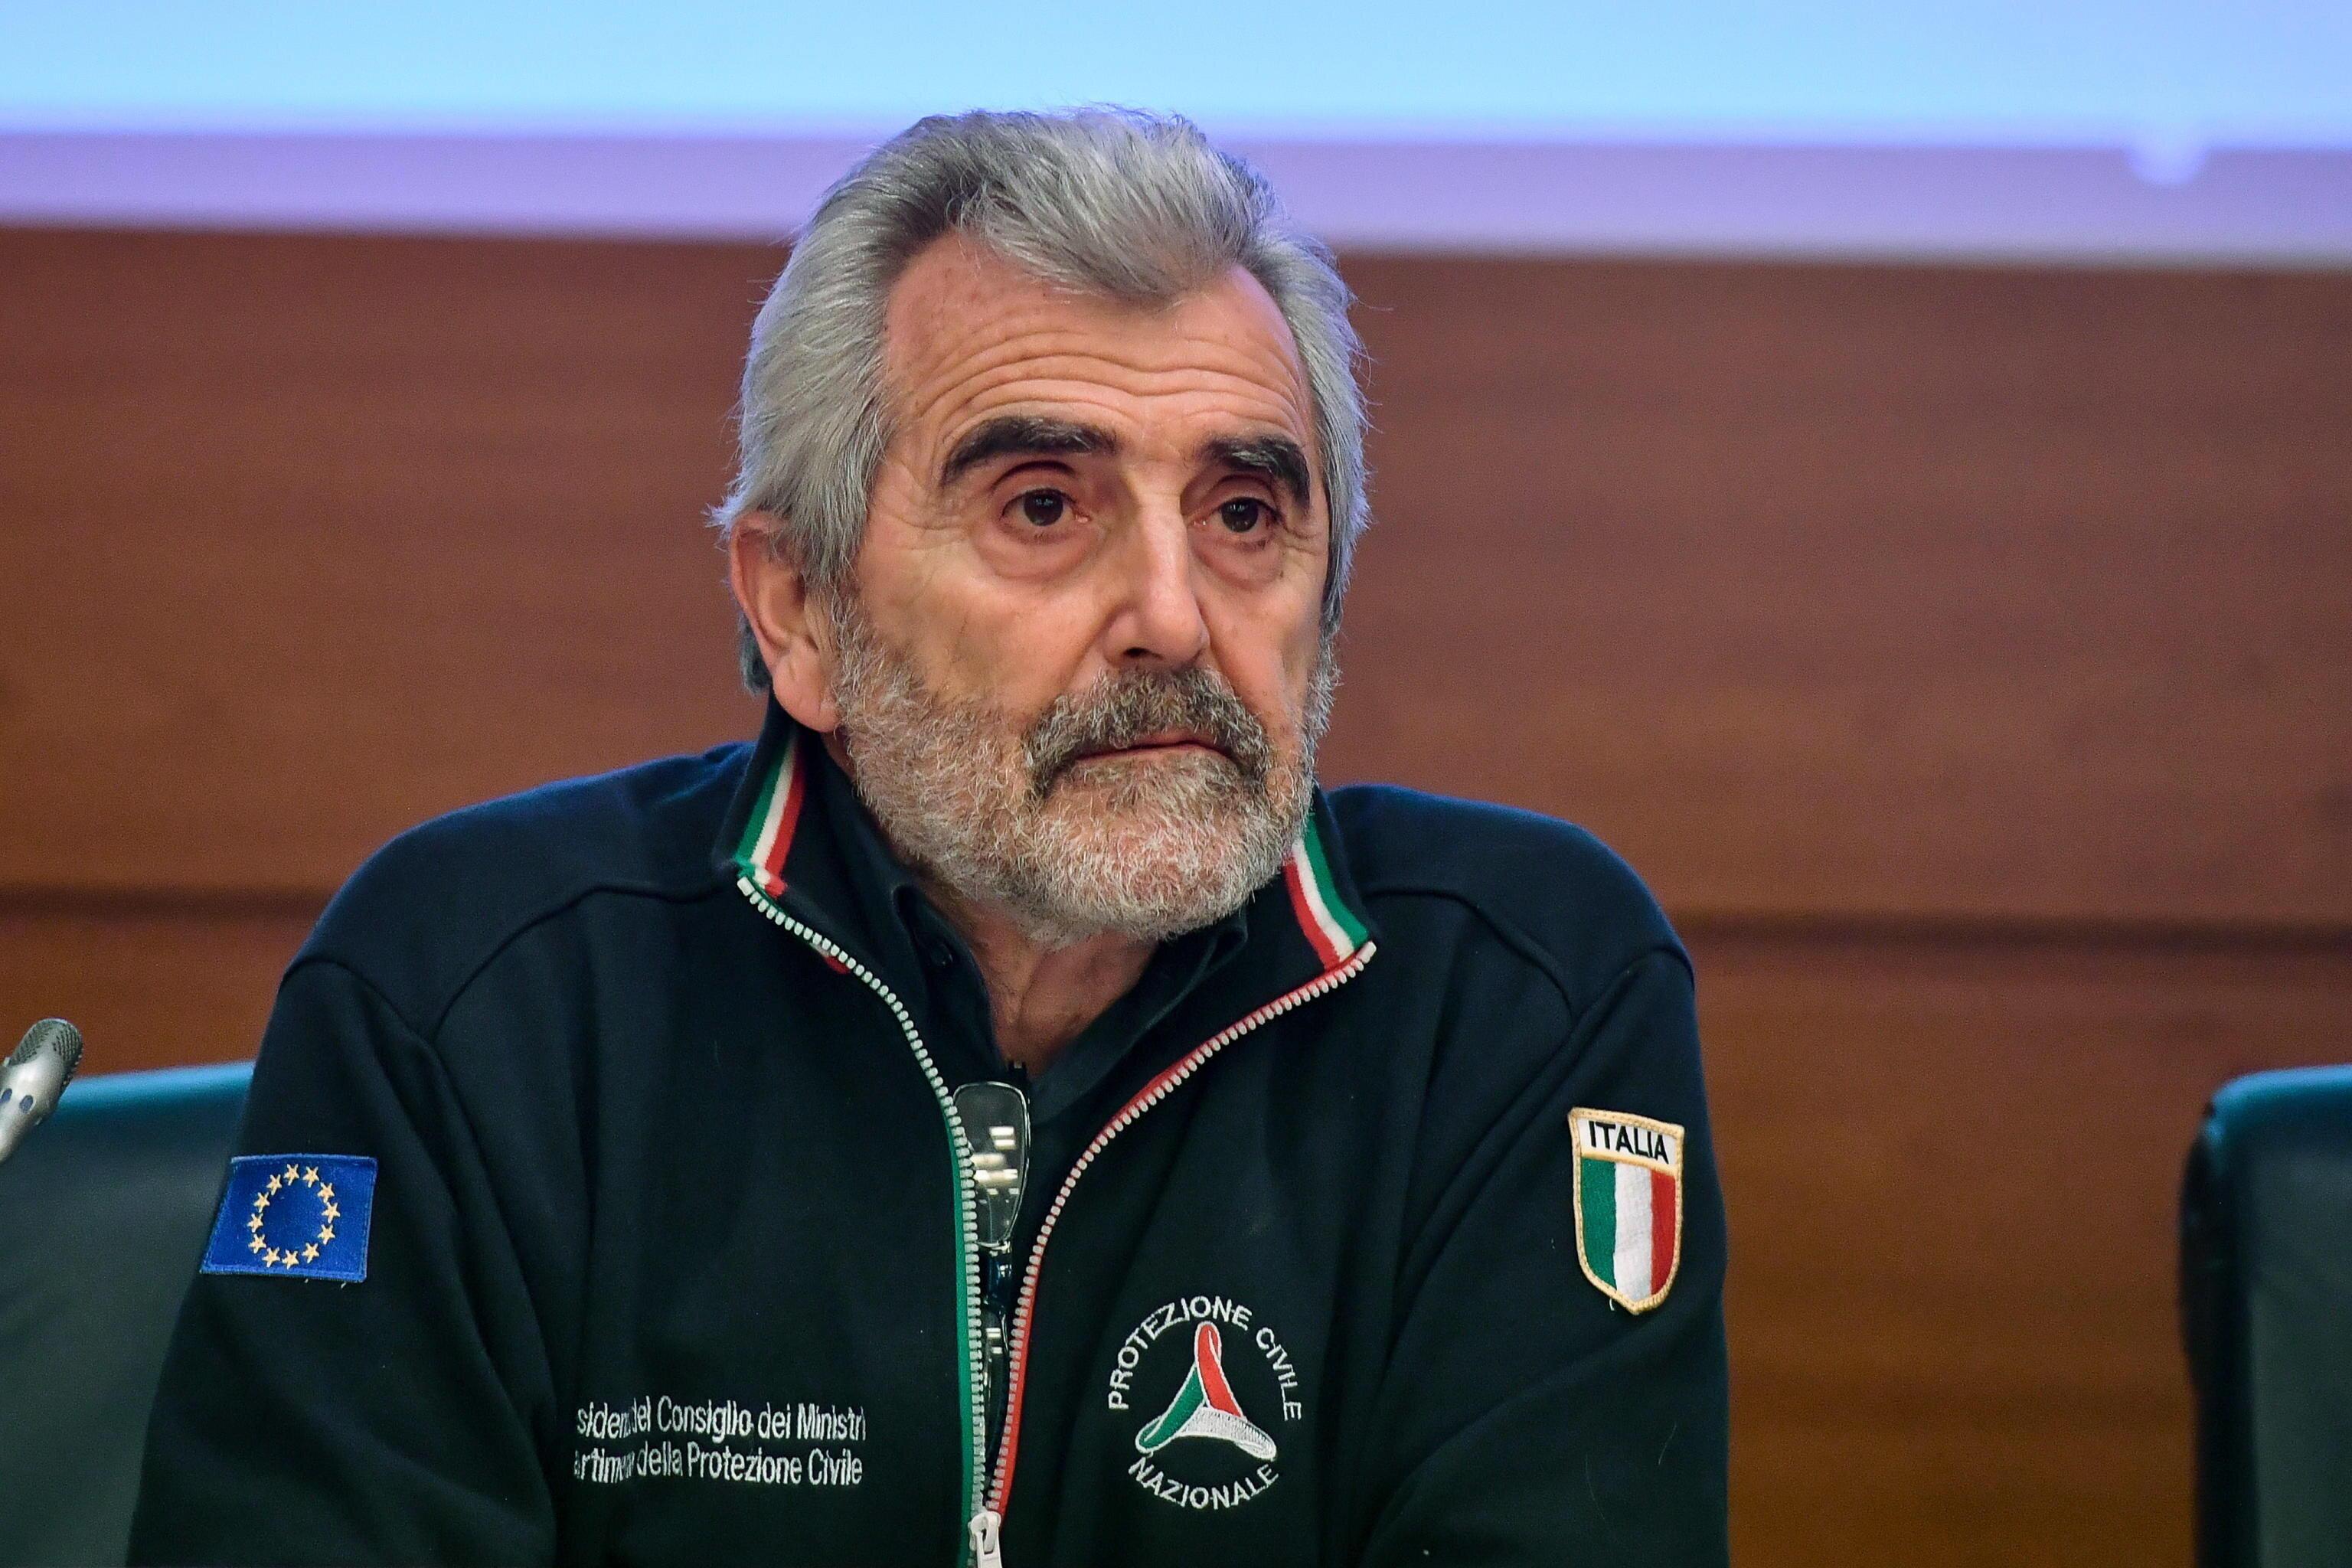 Agostino Miozzo: Metterei i lavoratori della scuola tra le categorie con priorità per il vaccino